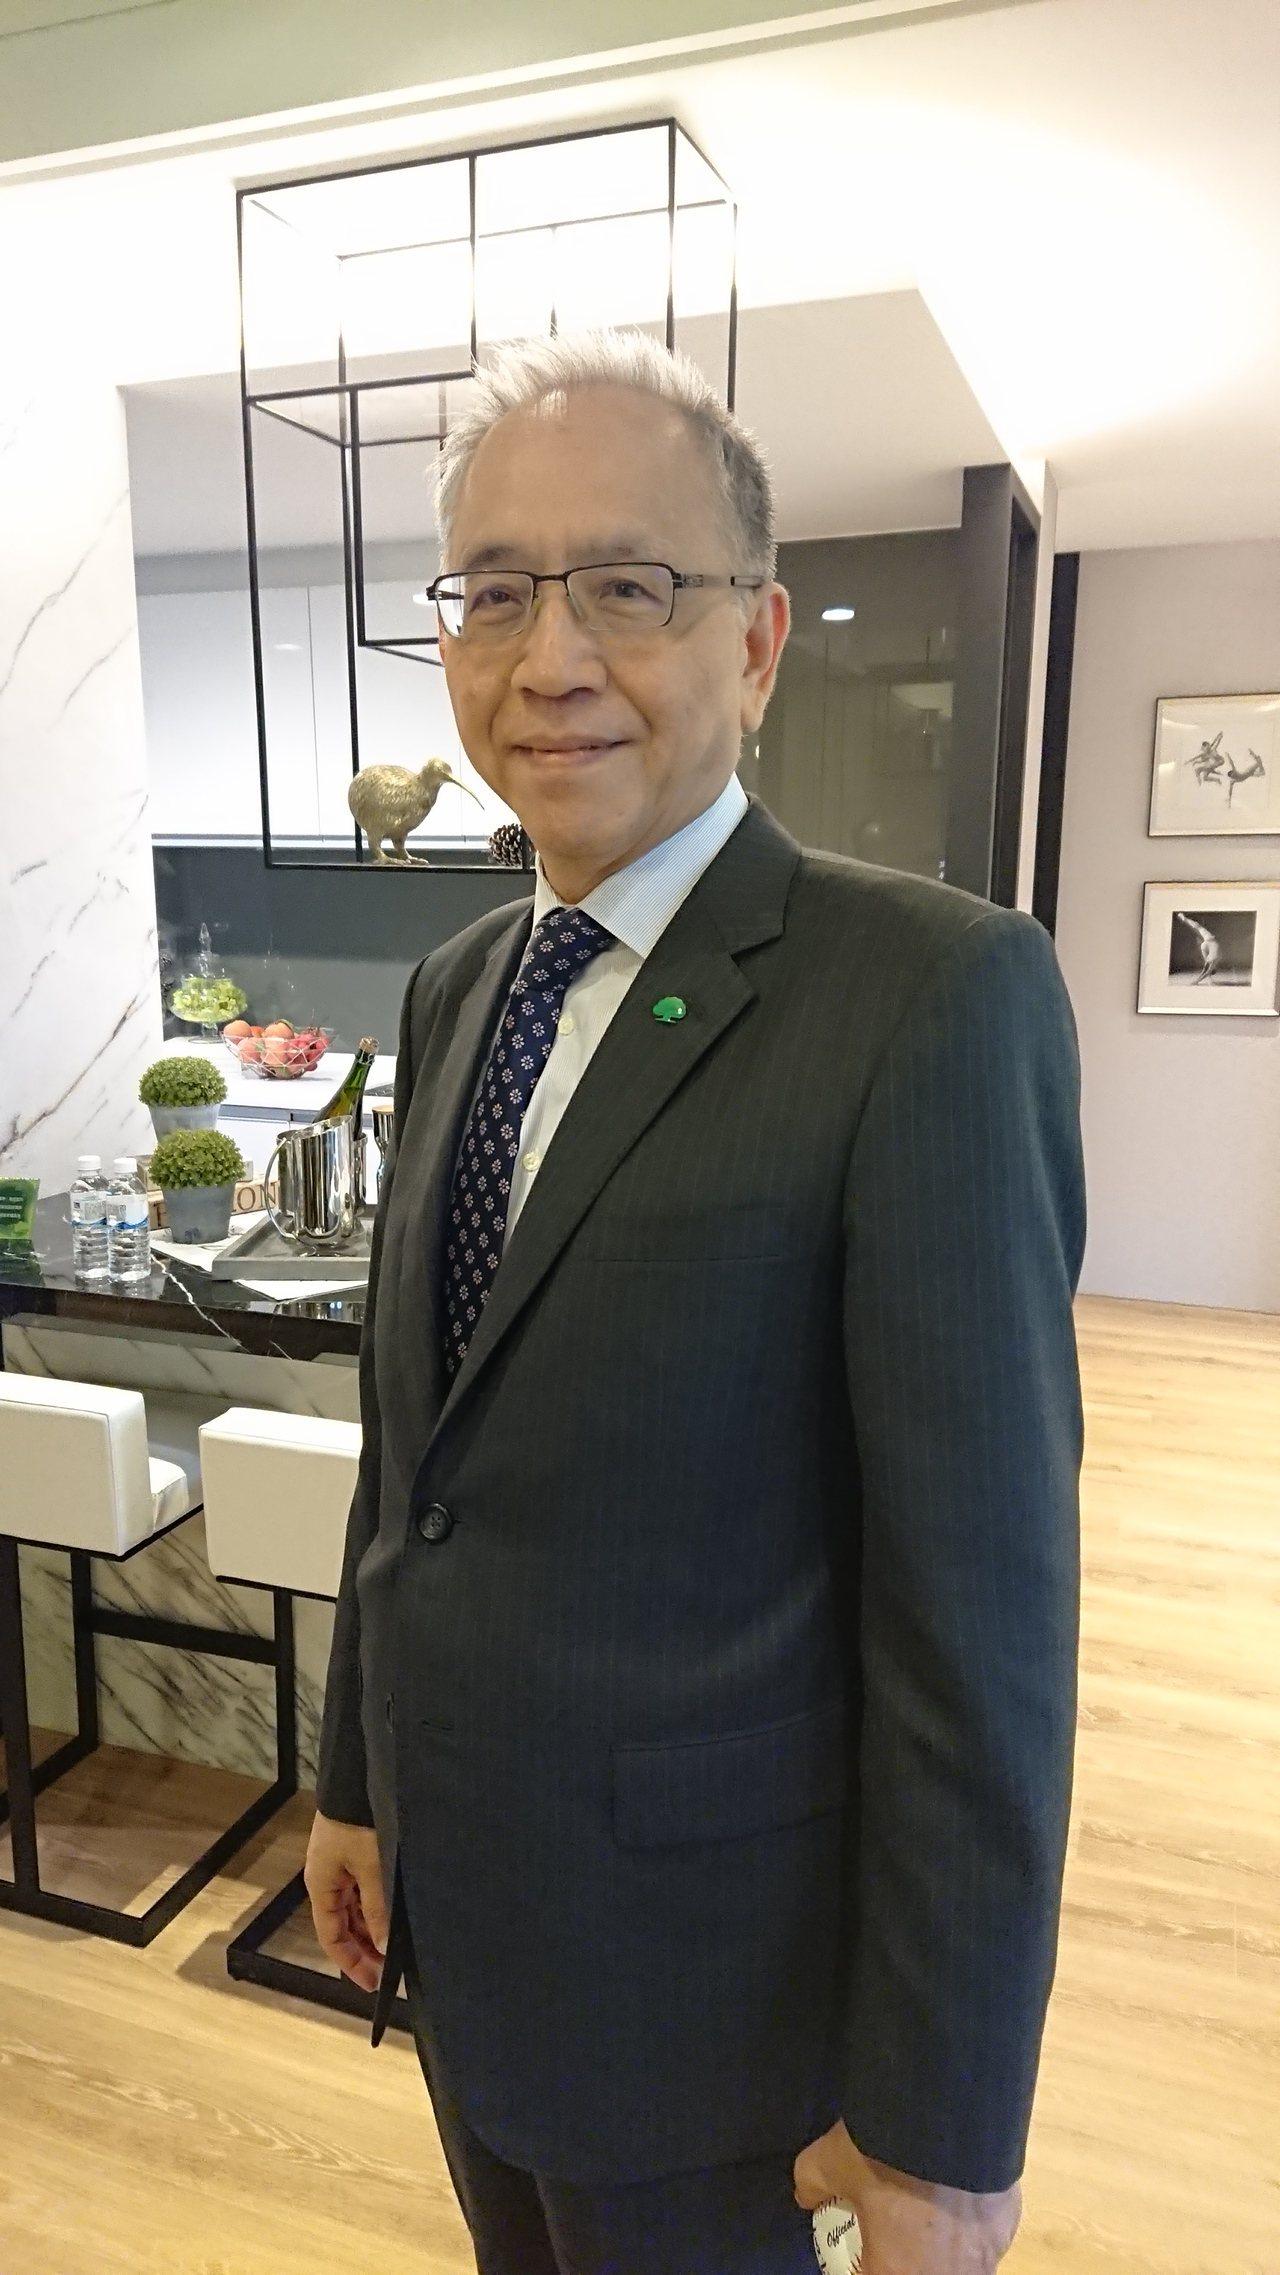 國泰建設董事長張清櫆表示,目前房市成交量已經回升,且價格有轉趨平穩跡象,認為明年...